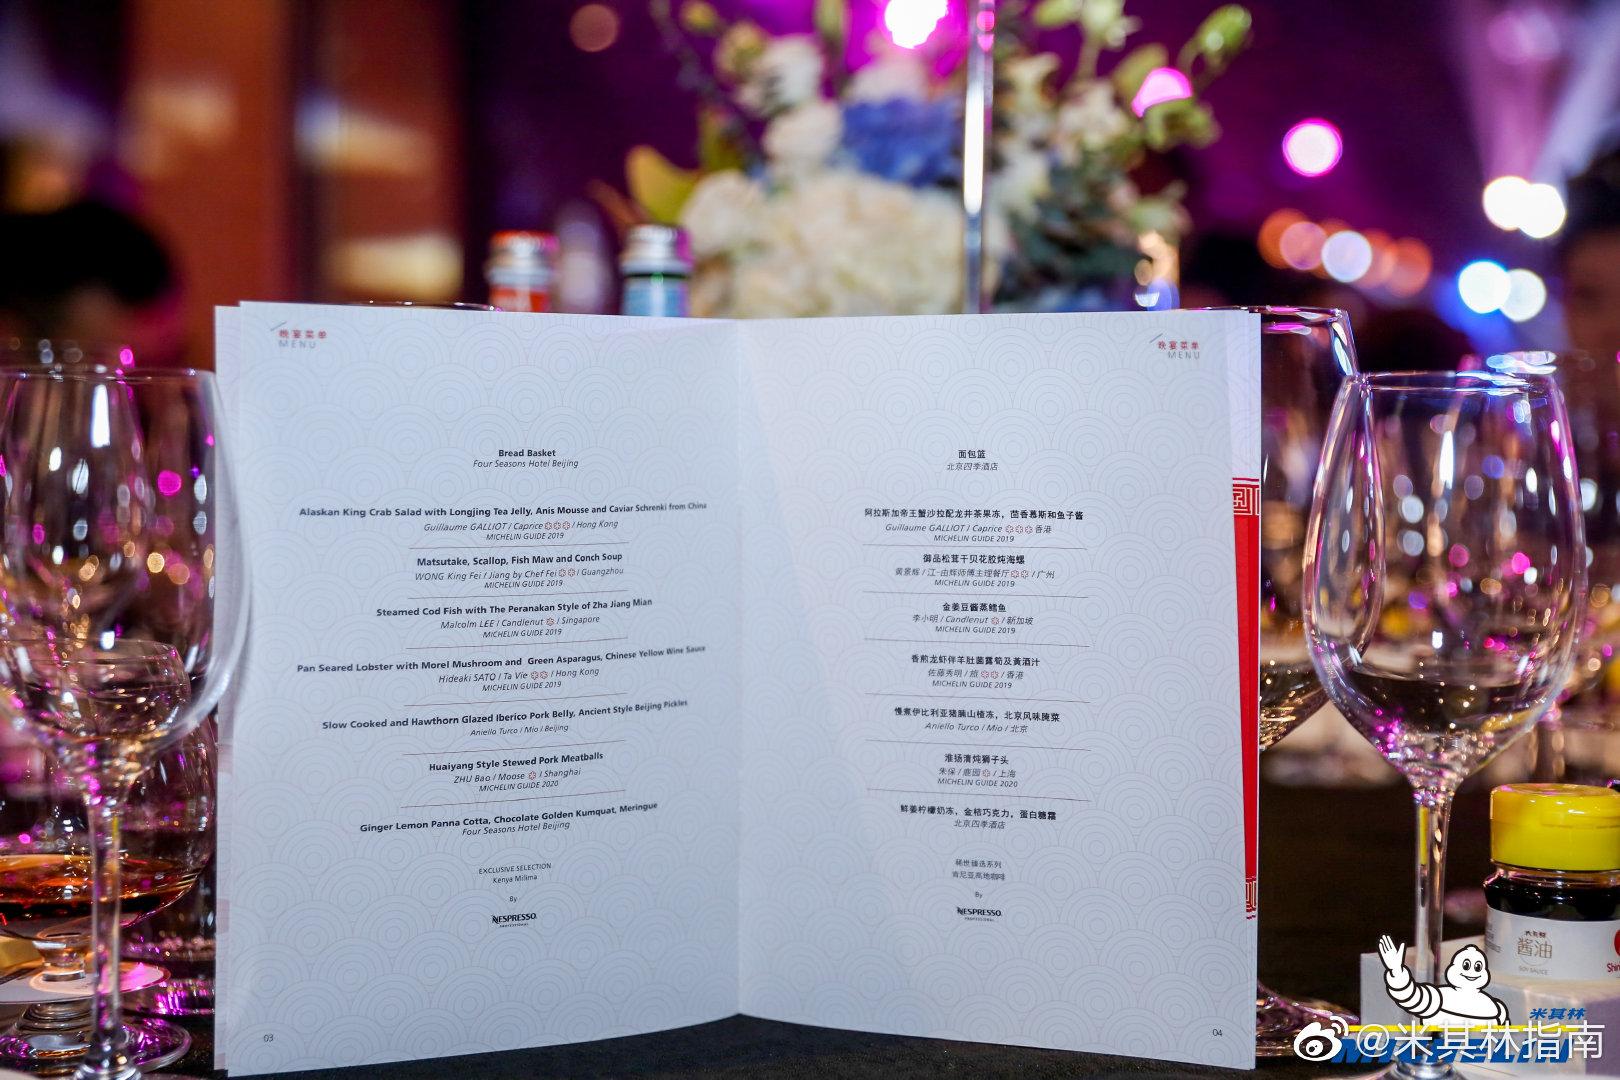 manbetx万博移动版下载,广州市第四十一中学举行61周年校庆,传承红色基因弘扬雷锋精神